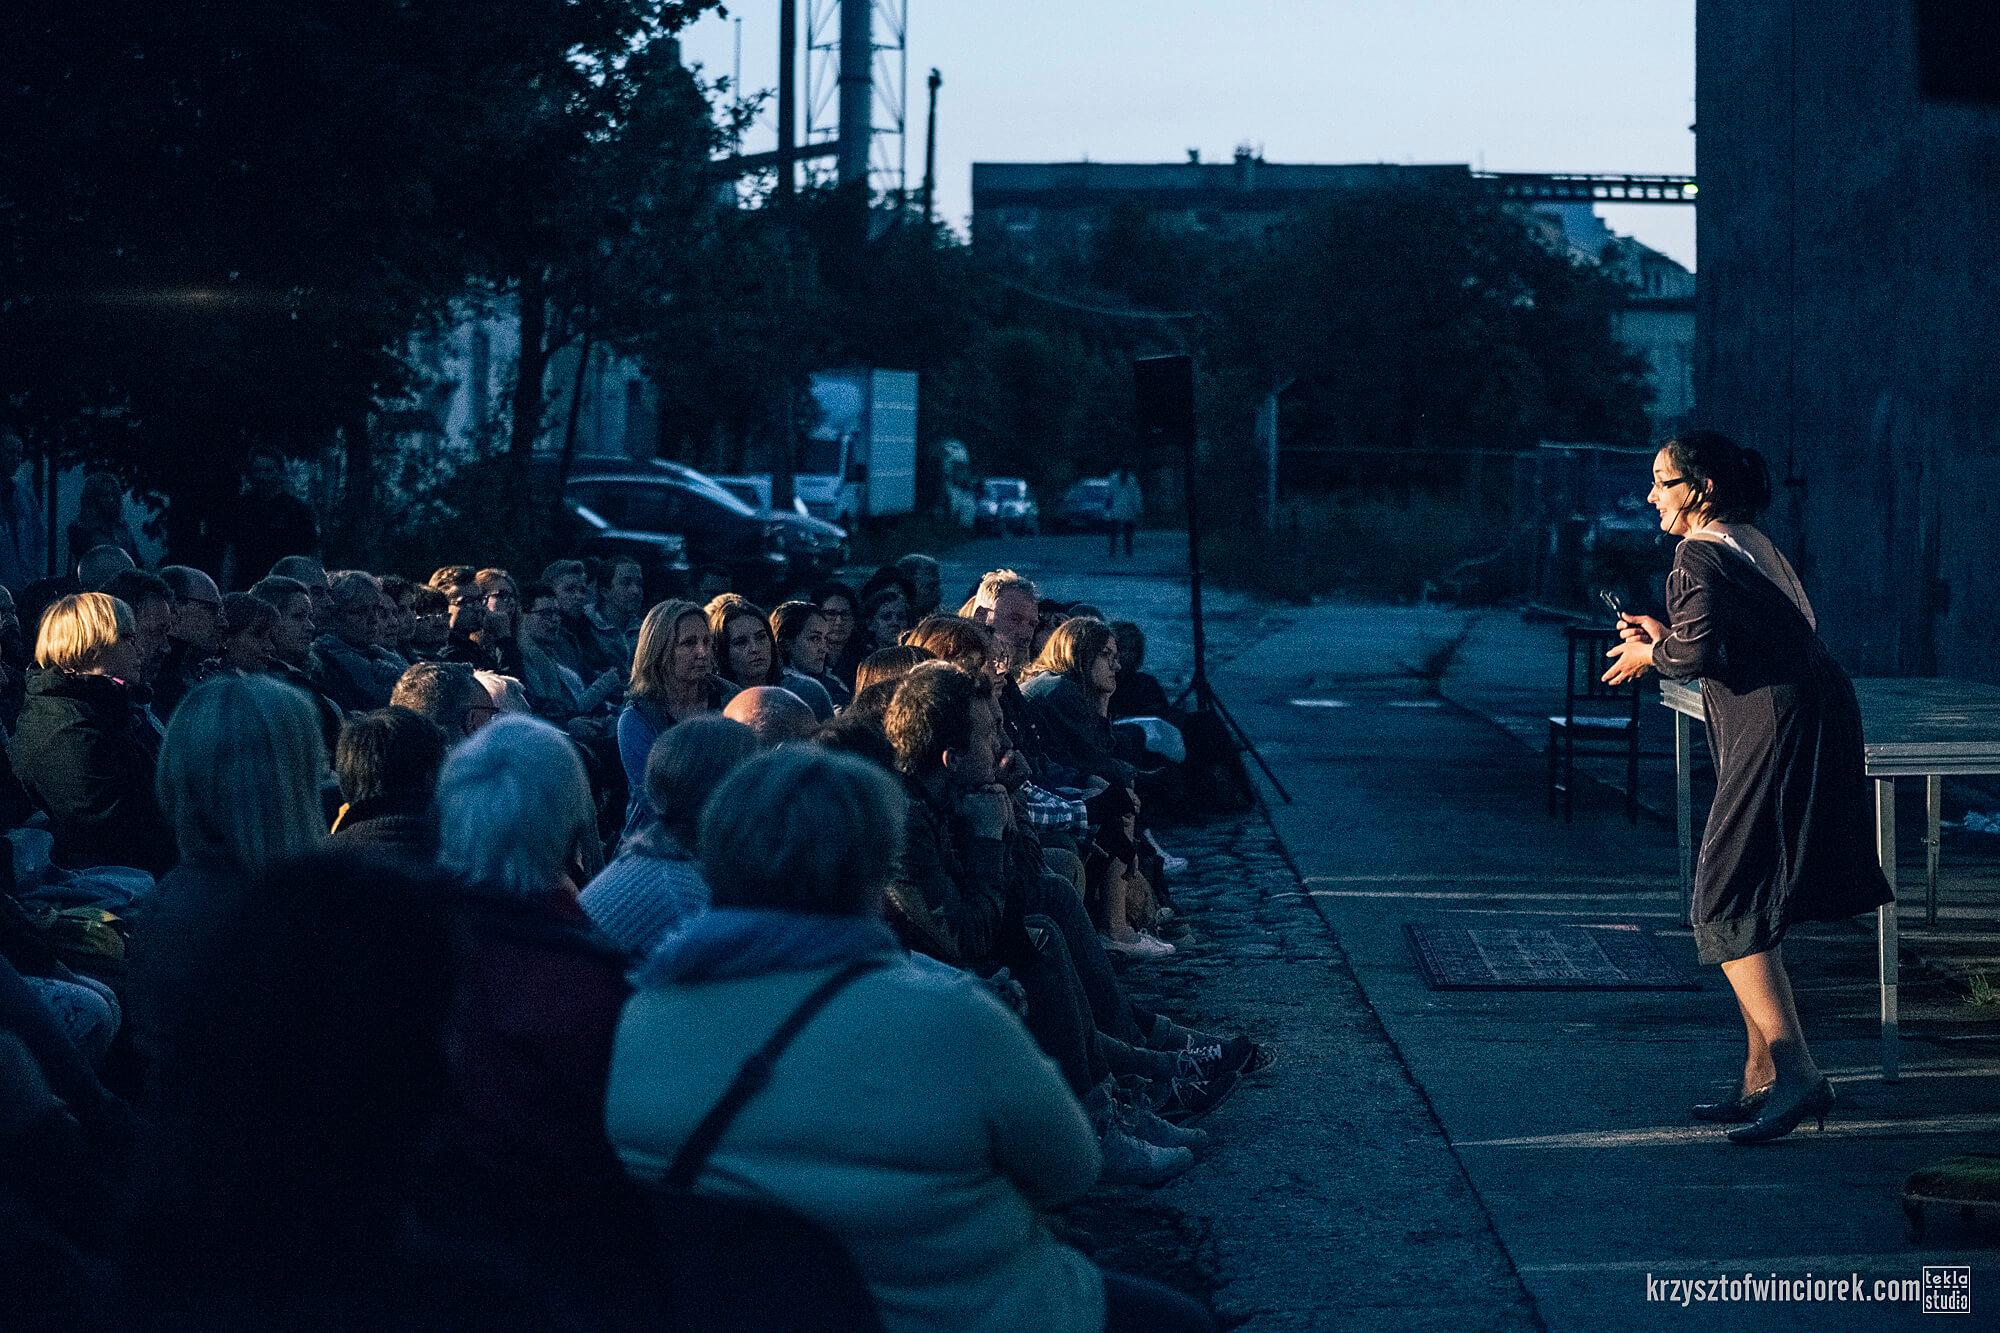 Zdjęcie do spektaklu Kawa, Chleb i ser. Na przeciwko widowni aktorka w czarnej sukience. W tle fabryczne zabudowania